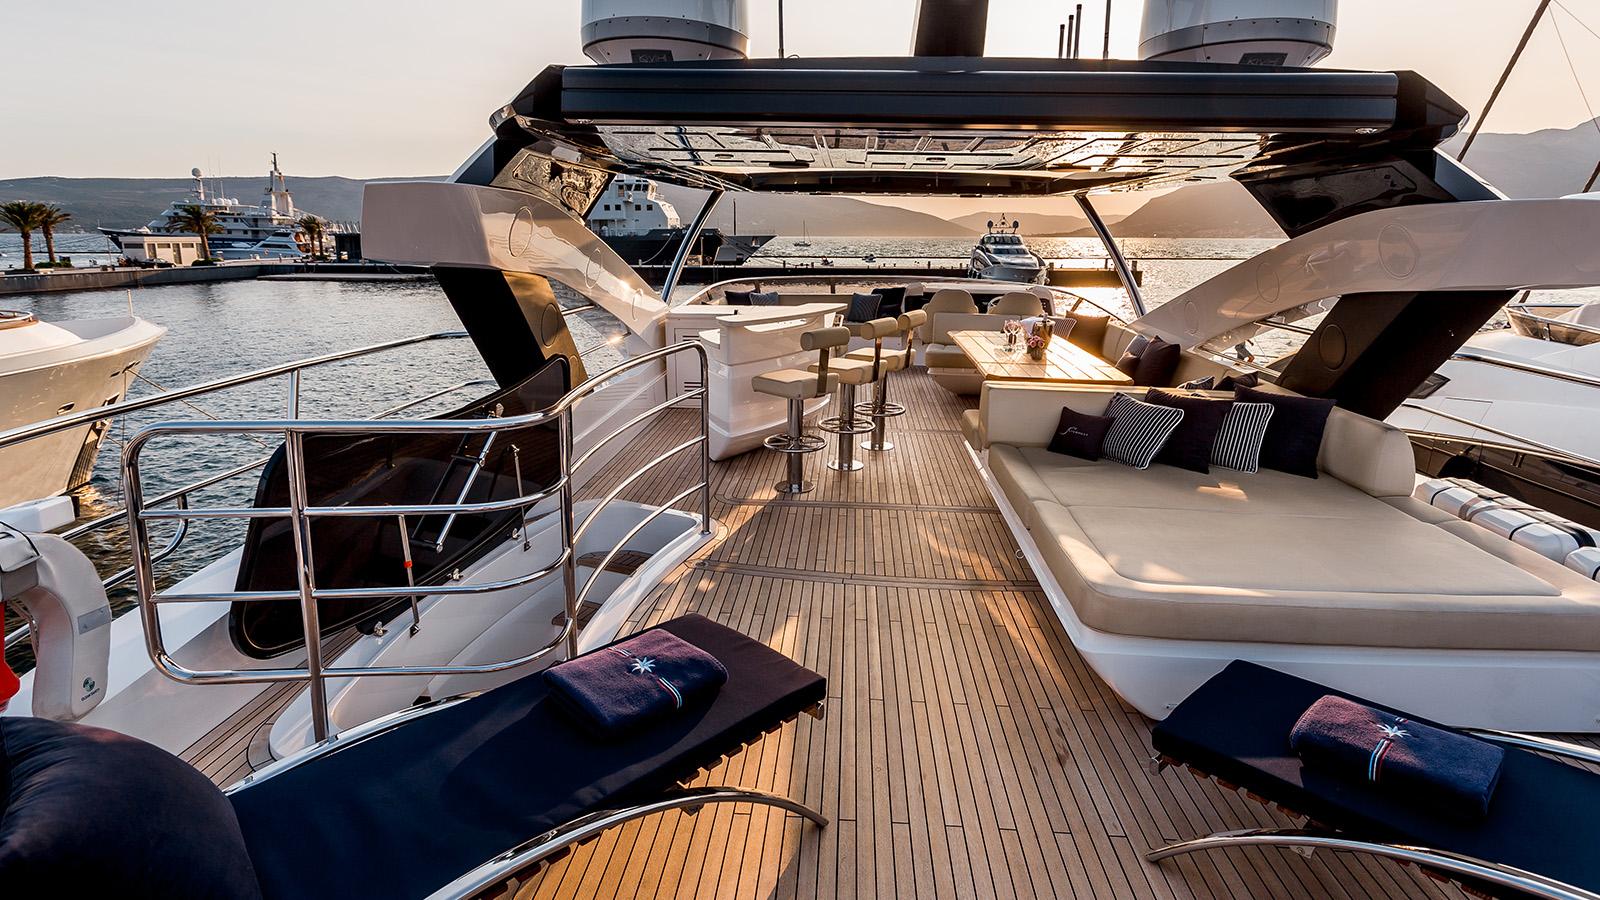 Sunseeker 86 Yacht - Stardust of Poole - Flybridge 3